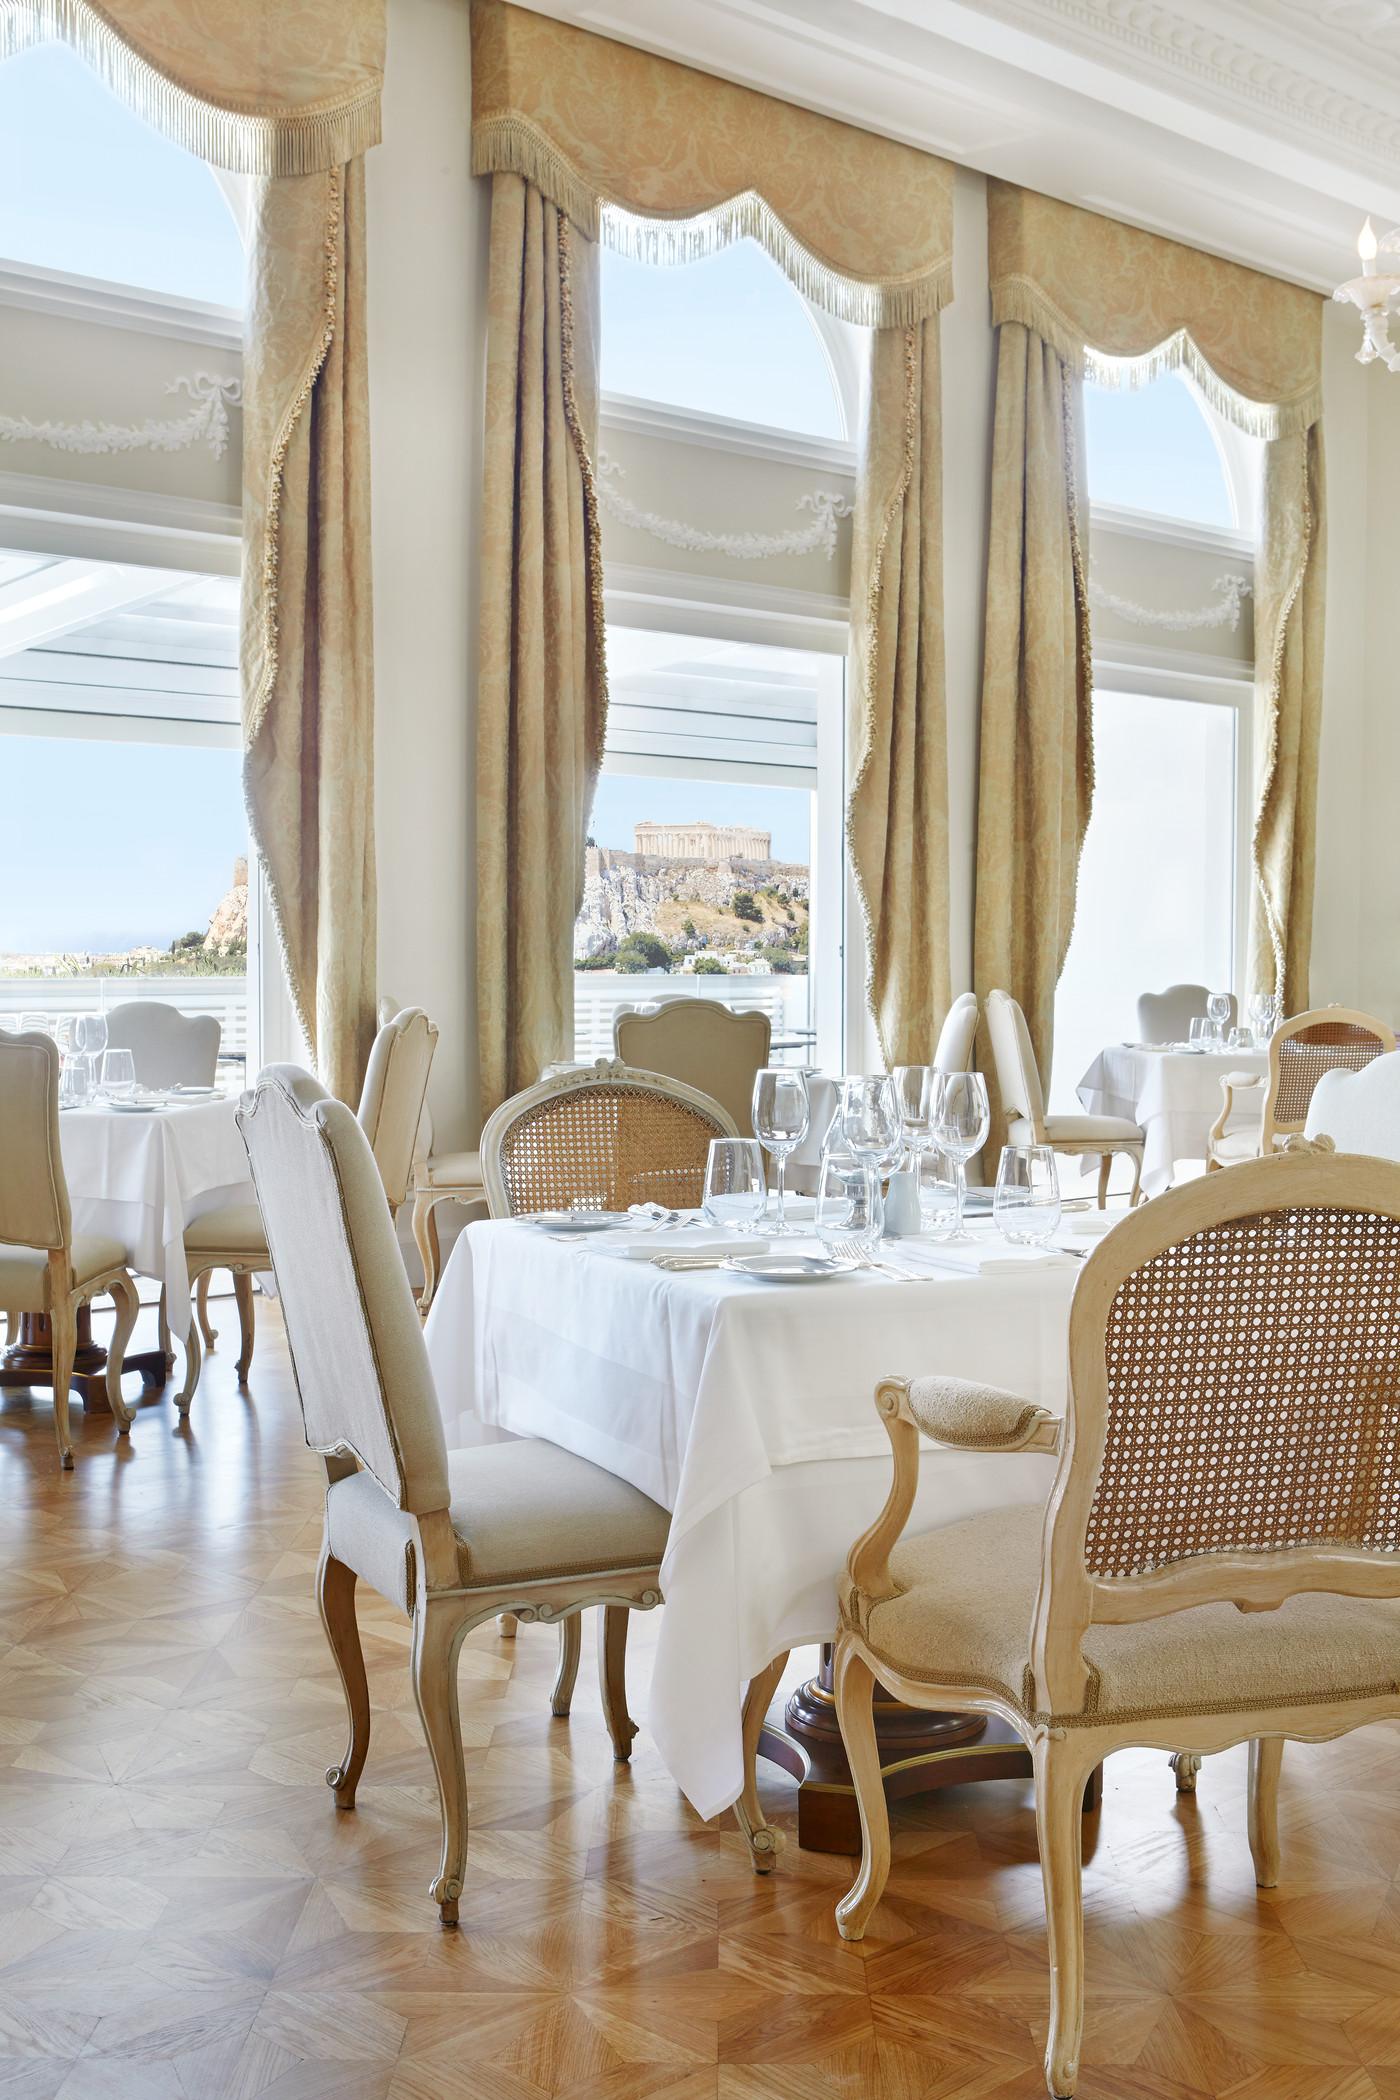 Tudor Hall Restaurant - XpatAthens.com